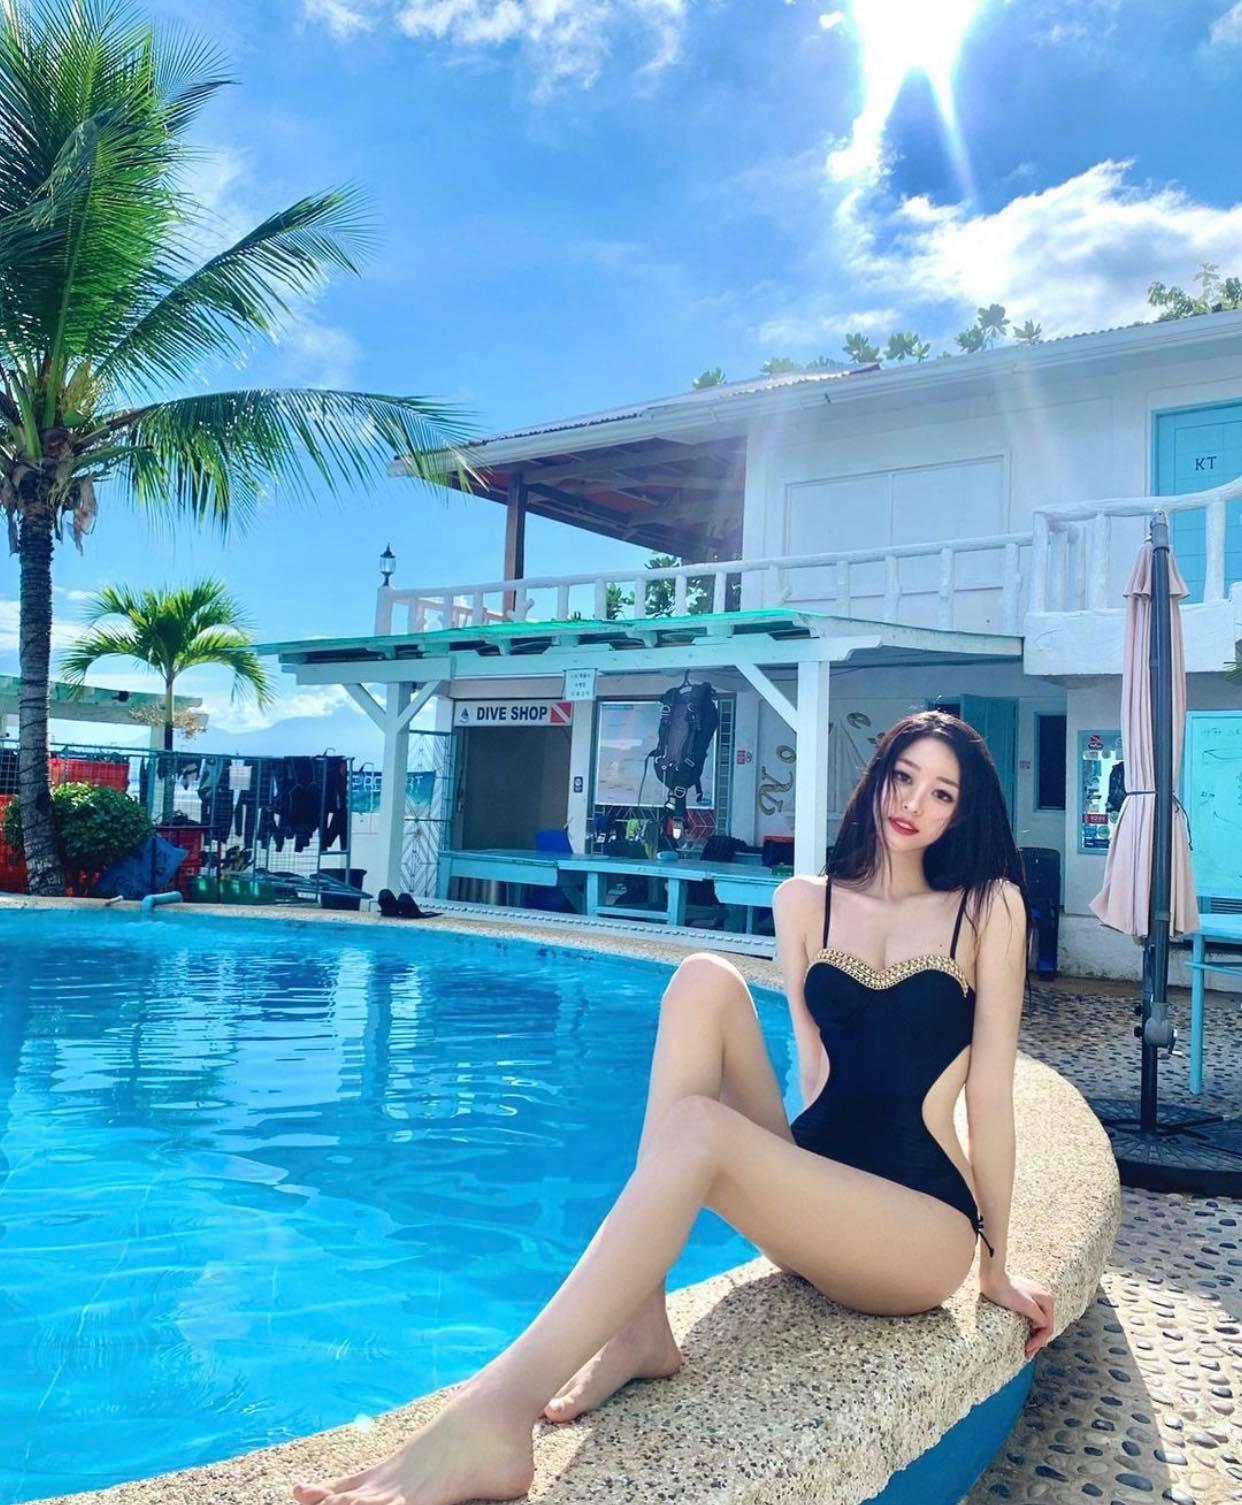 Nữ sinh Hàn Quốc có đôi chân dài vô tận, vòng hông điểm 10, mặc bikini đẹp như giấc mơ - 6